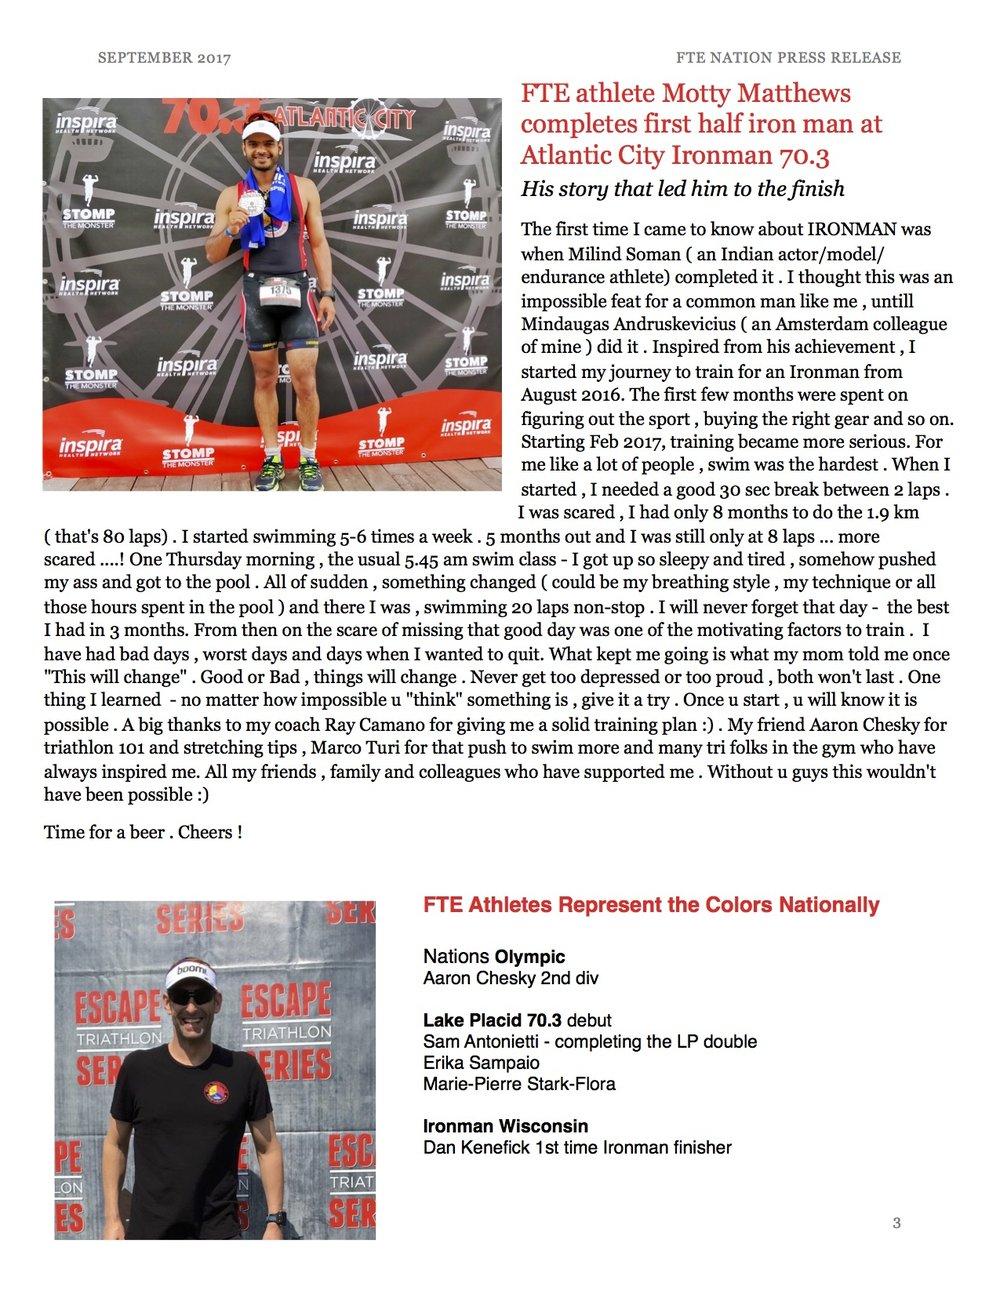 September 2017 Press Release.jpg